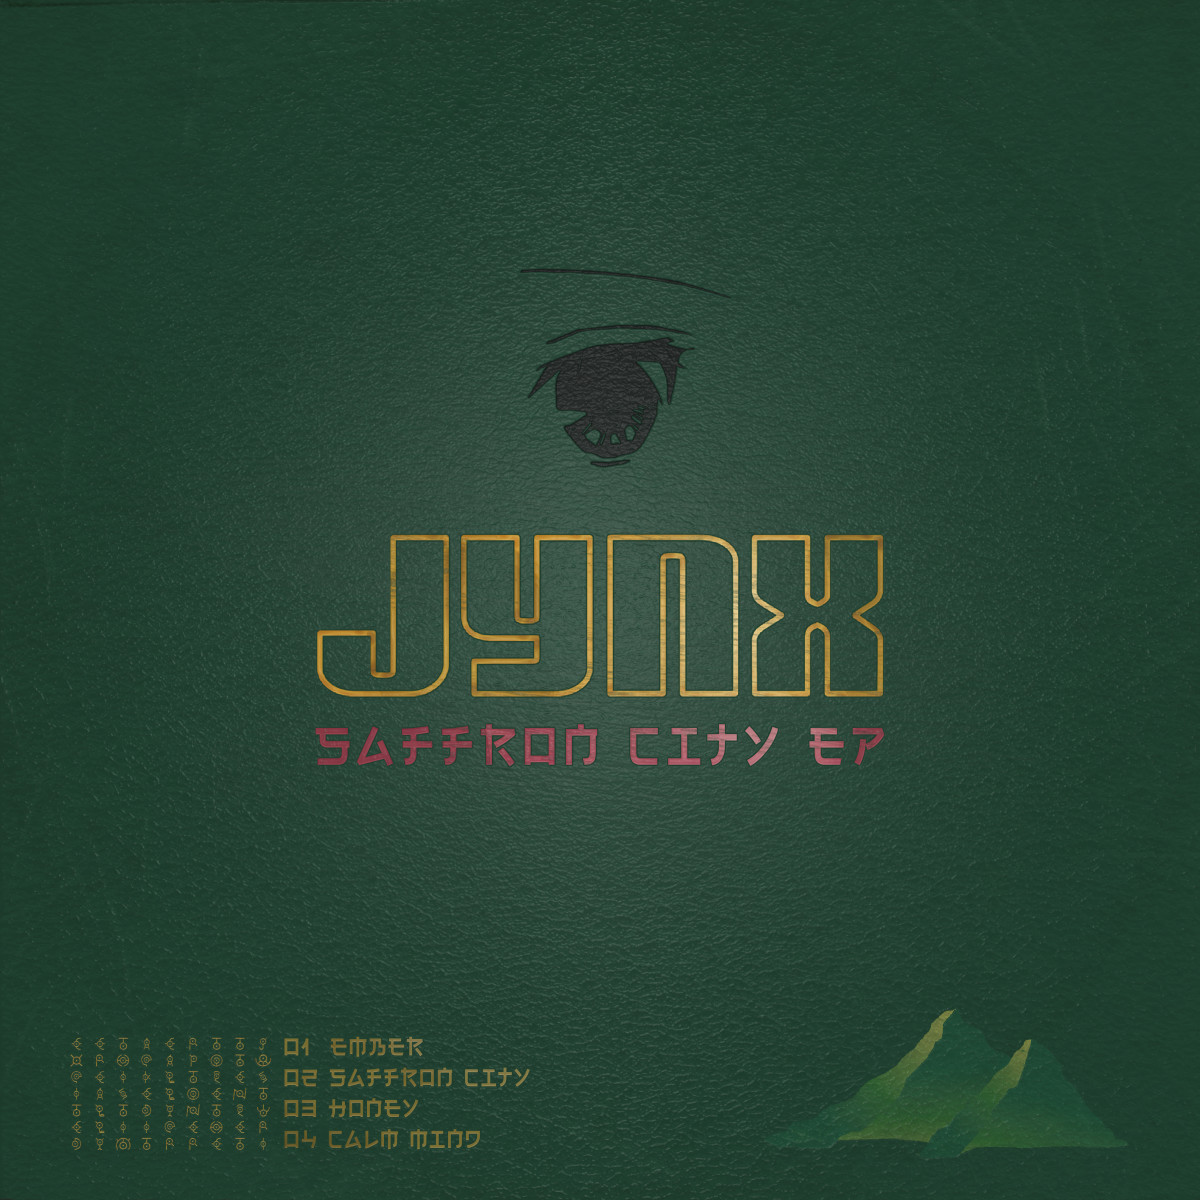 Jynx_SaffronCityEP.jpg